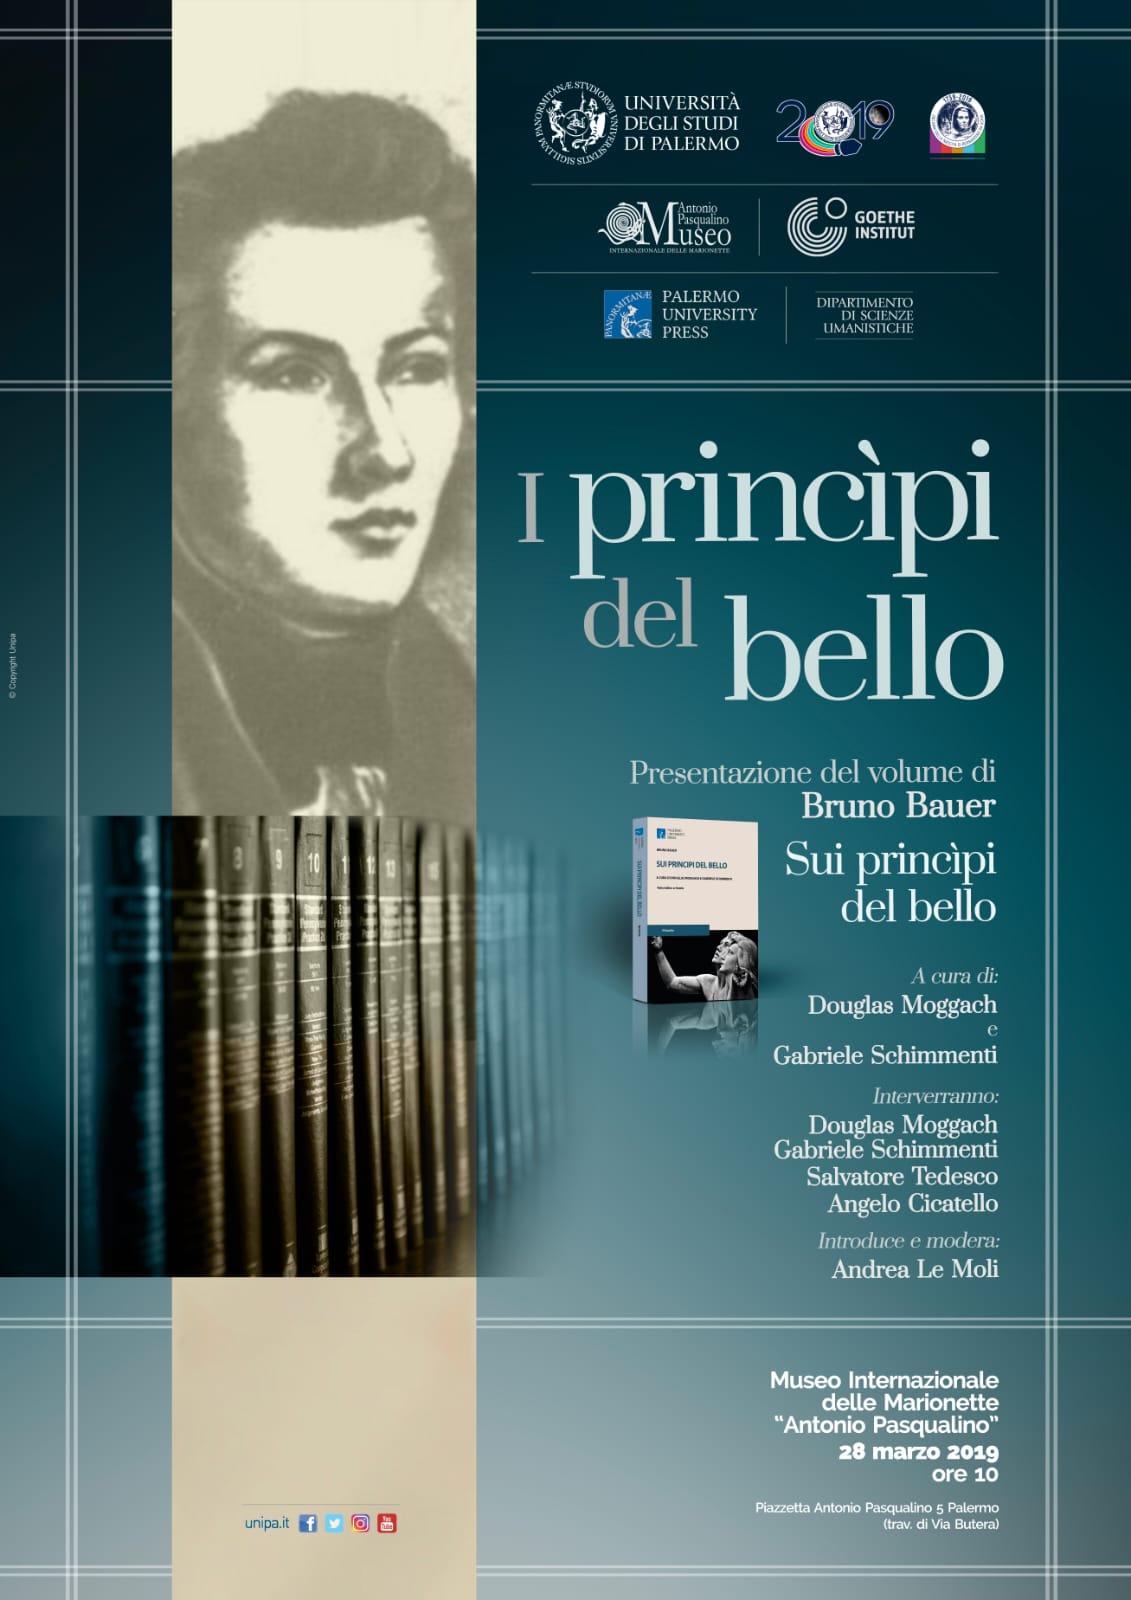 2019_I_Principi_del_bello.jpeg - 143.66 kB